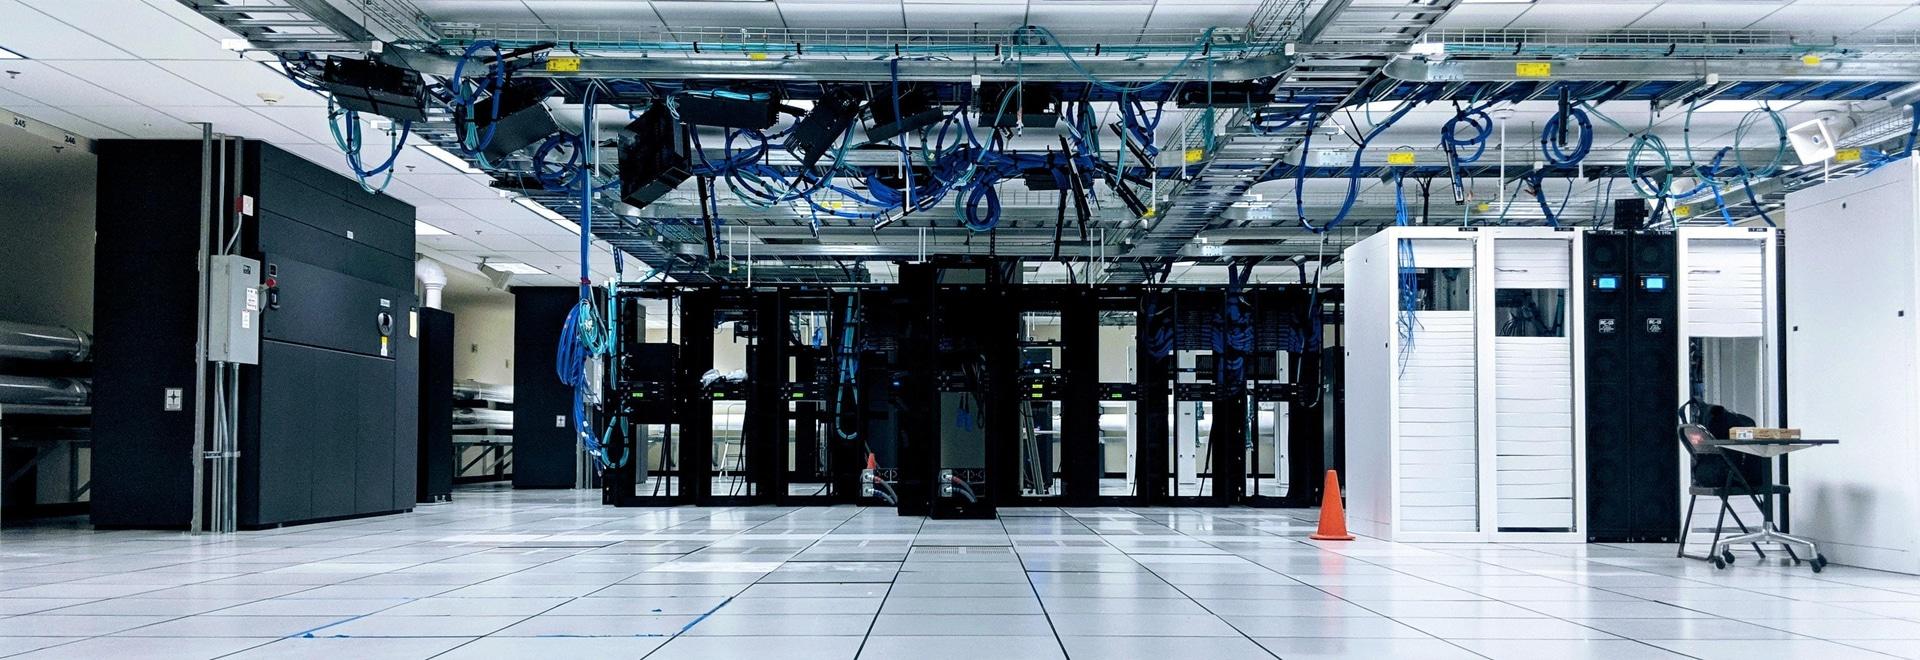 Sistemas de piso de acceso específicos para Centros de Datos